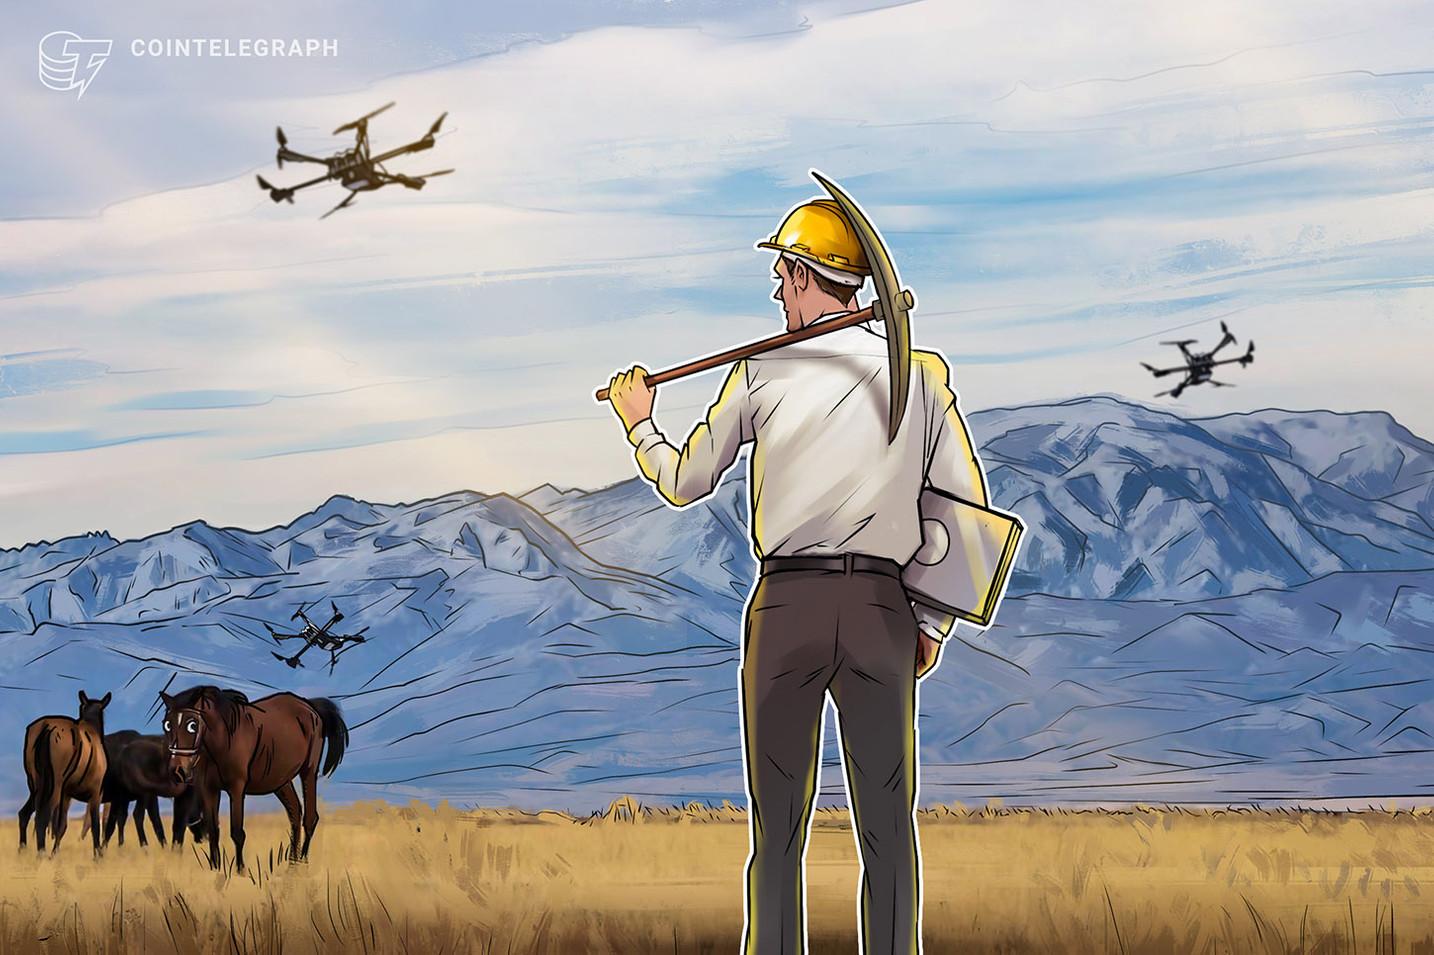 El quinto pool minero más grande del mundo abandona China y se va a Kazajstán debido a la falta de electricidad